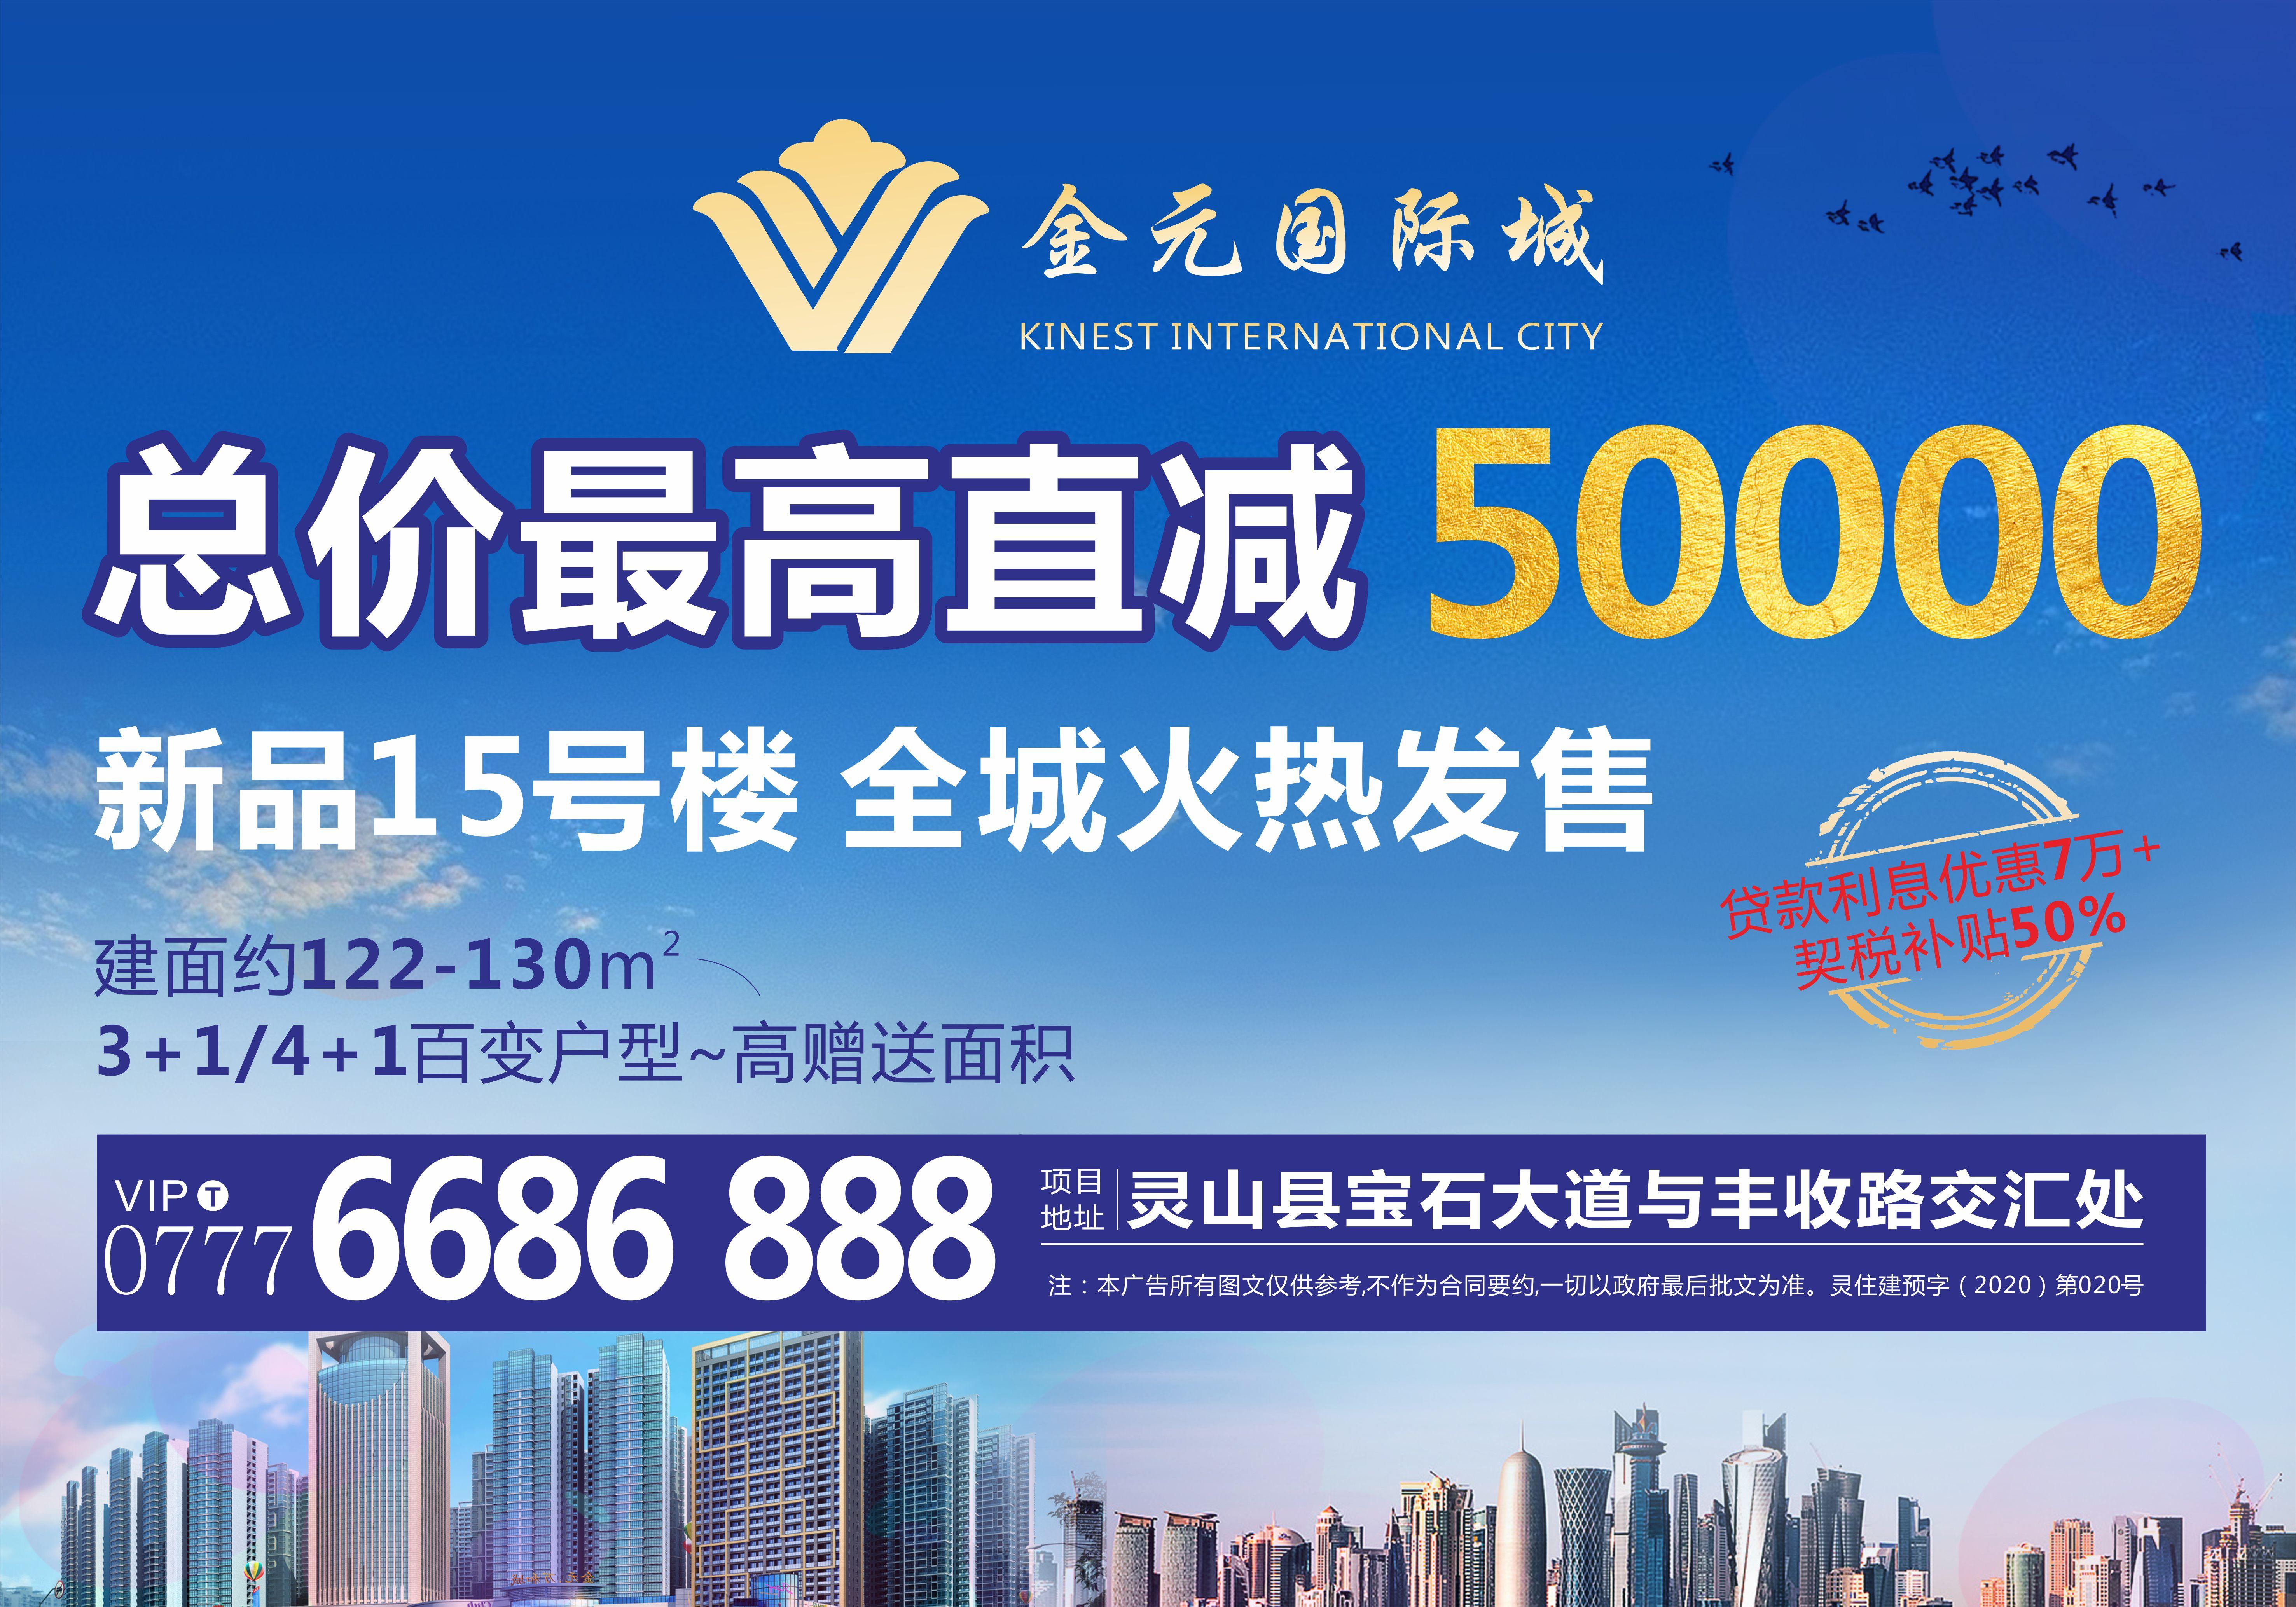 金元国际城封面图